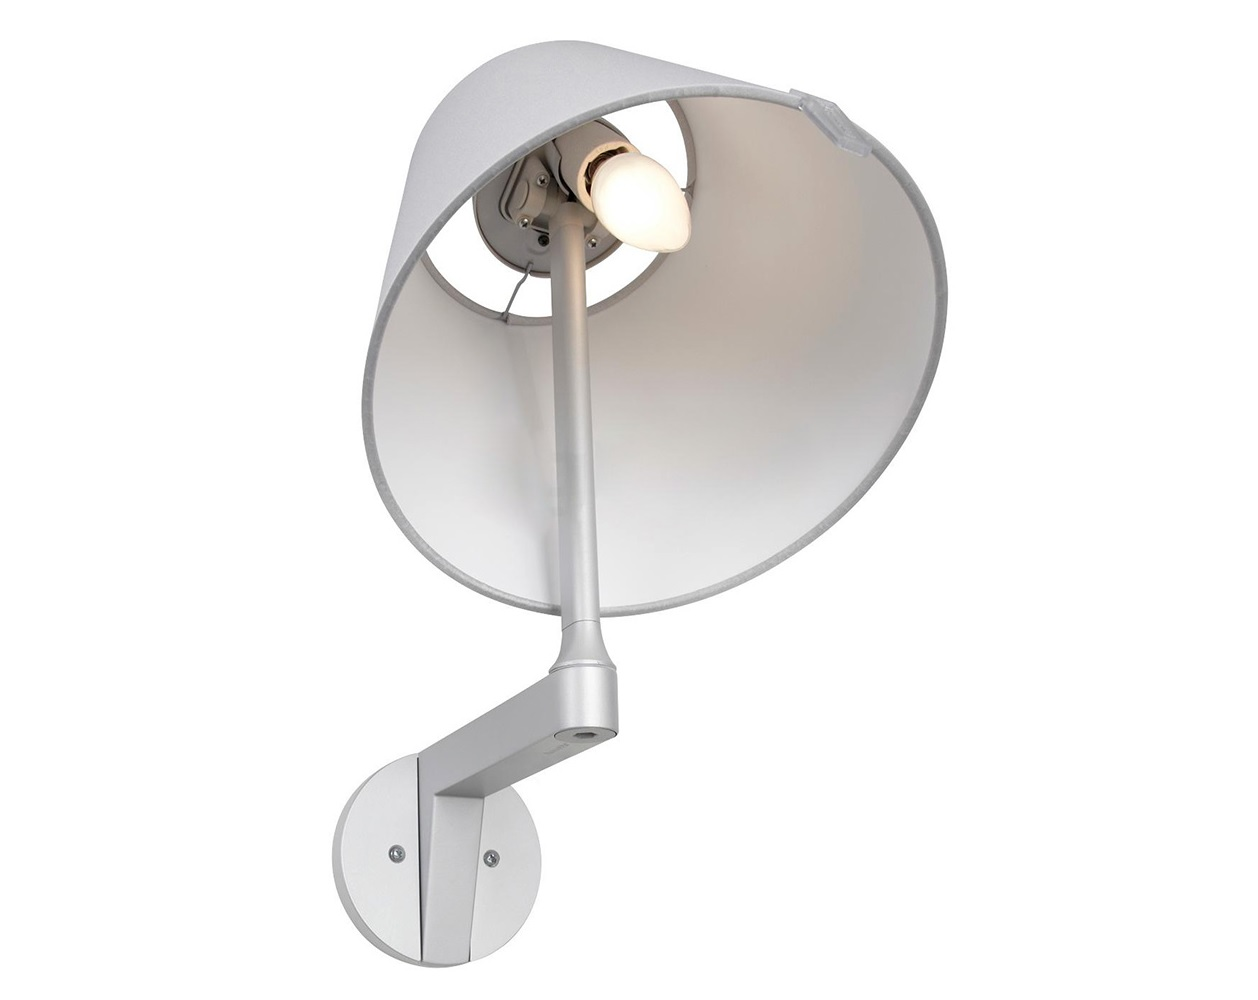 Настенный светильник MELAMPO PARETEБра<br>&amp;lt;div&amp;gt;Настенный светильник MELAMPO PARETE с выключателем. Светильник выполнен из металла серо-бежевого цвета. Тканевый абажур скрывает лампу. Плафон можно вращать, регулируя световой поток.&amp;lt;/div&amp;gt;&amp;lt;div&amp;gt;&amp;lt;br&amp;gt;&amp;lt;/div&amp;gt;&amp;lt;div&amp;gt;Дизайн: Adrien Gardere.&amp;lt;br&amp;gt;&amp;lt;/div&amp;gt;&amp;lt;div&amp;gt;&amp;lt;br&amp;gt;&amp;lt;/div&amp;gt;&amp;lt;div&amp;gt;Вид цоколя: E14&amp;lt;/div&amp;gt;&amp;lt;div&amp;gt;Мощность лампы: 42W&amp;lt;/div&amp;gt;&amp;lt;div&amp;gt;Количество ламп: 1&amp;lt;/div&amp;gt;<br><br>Material: Металл<br>Width см: 23<br>Depth см: 30<br>Height см: 35